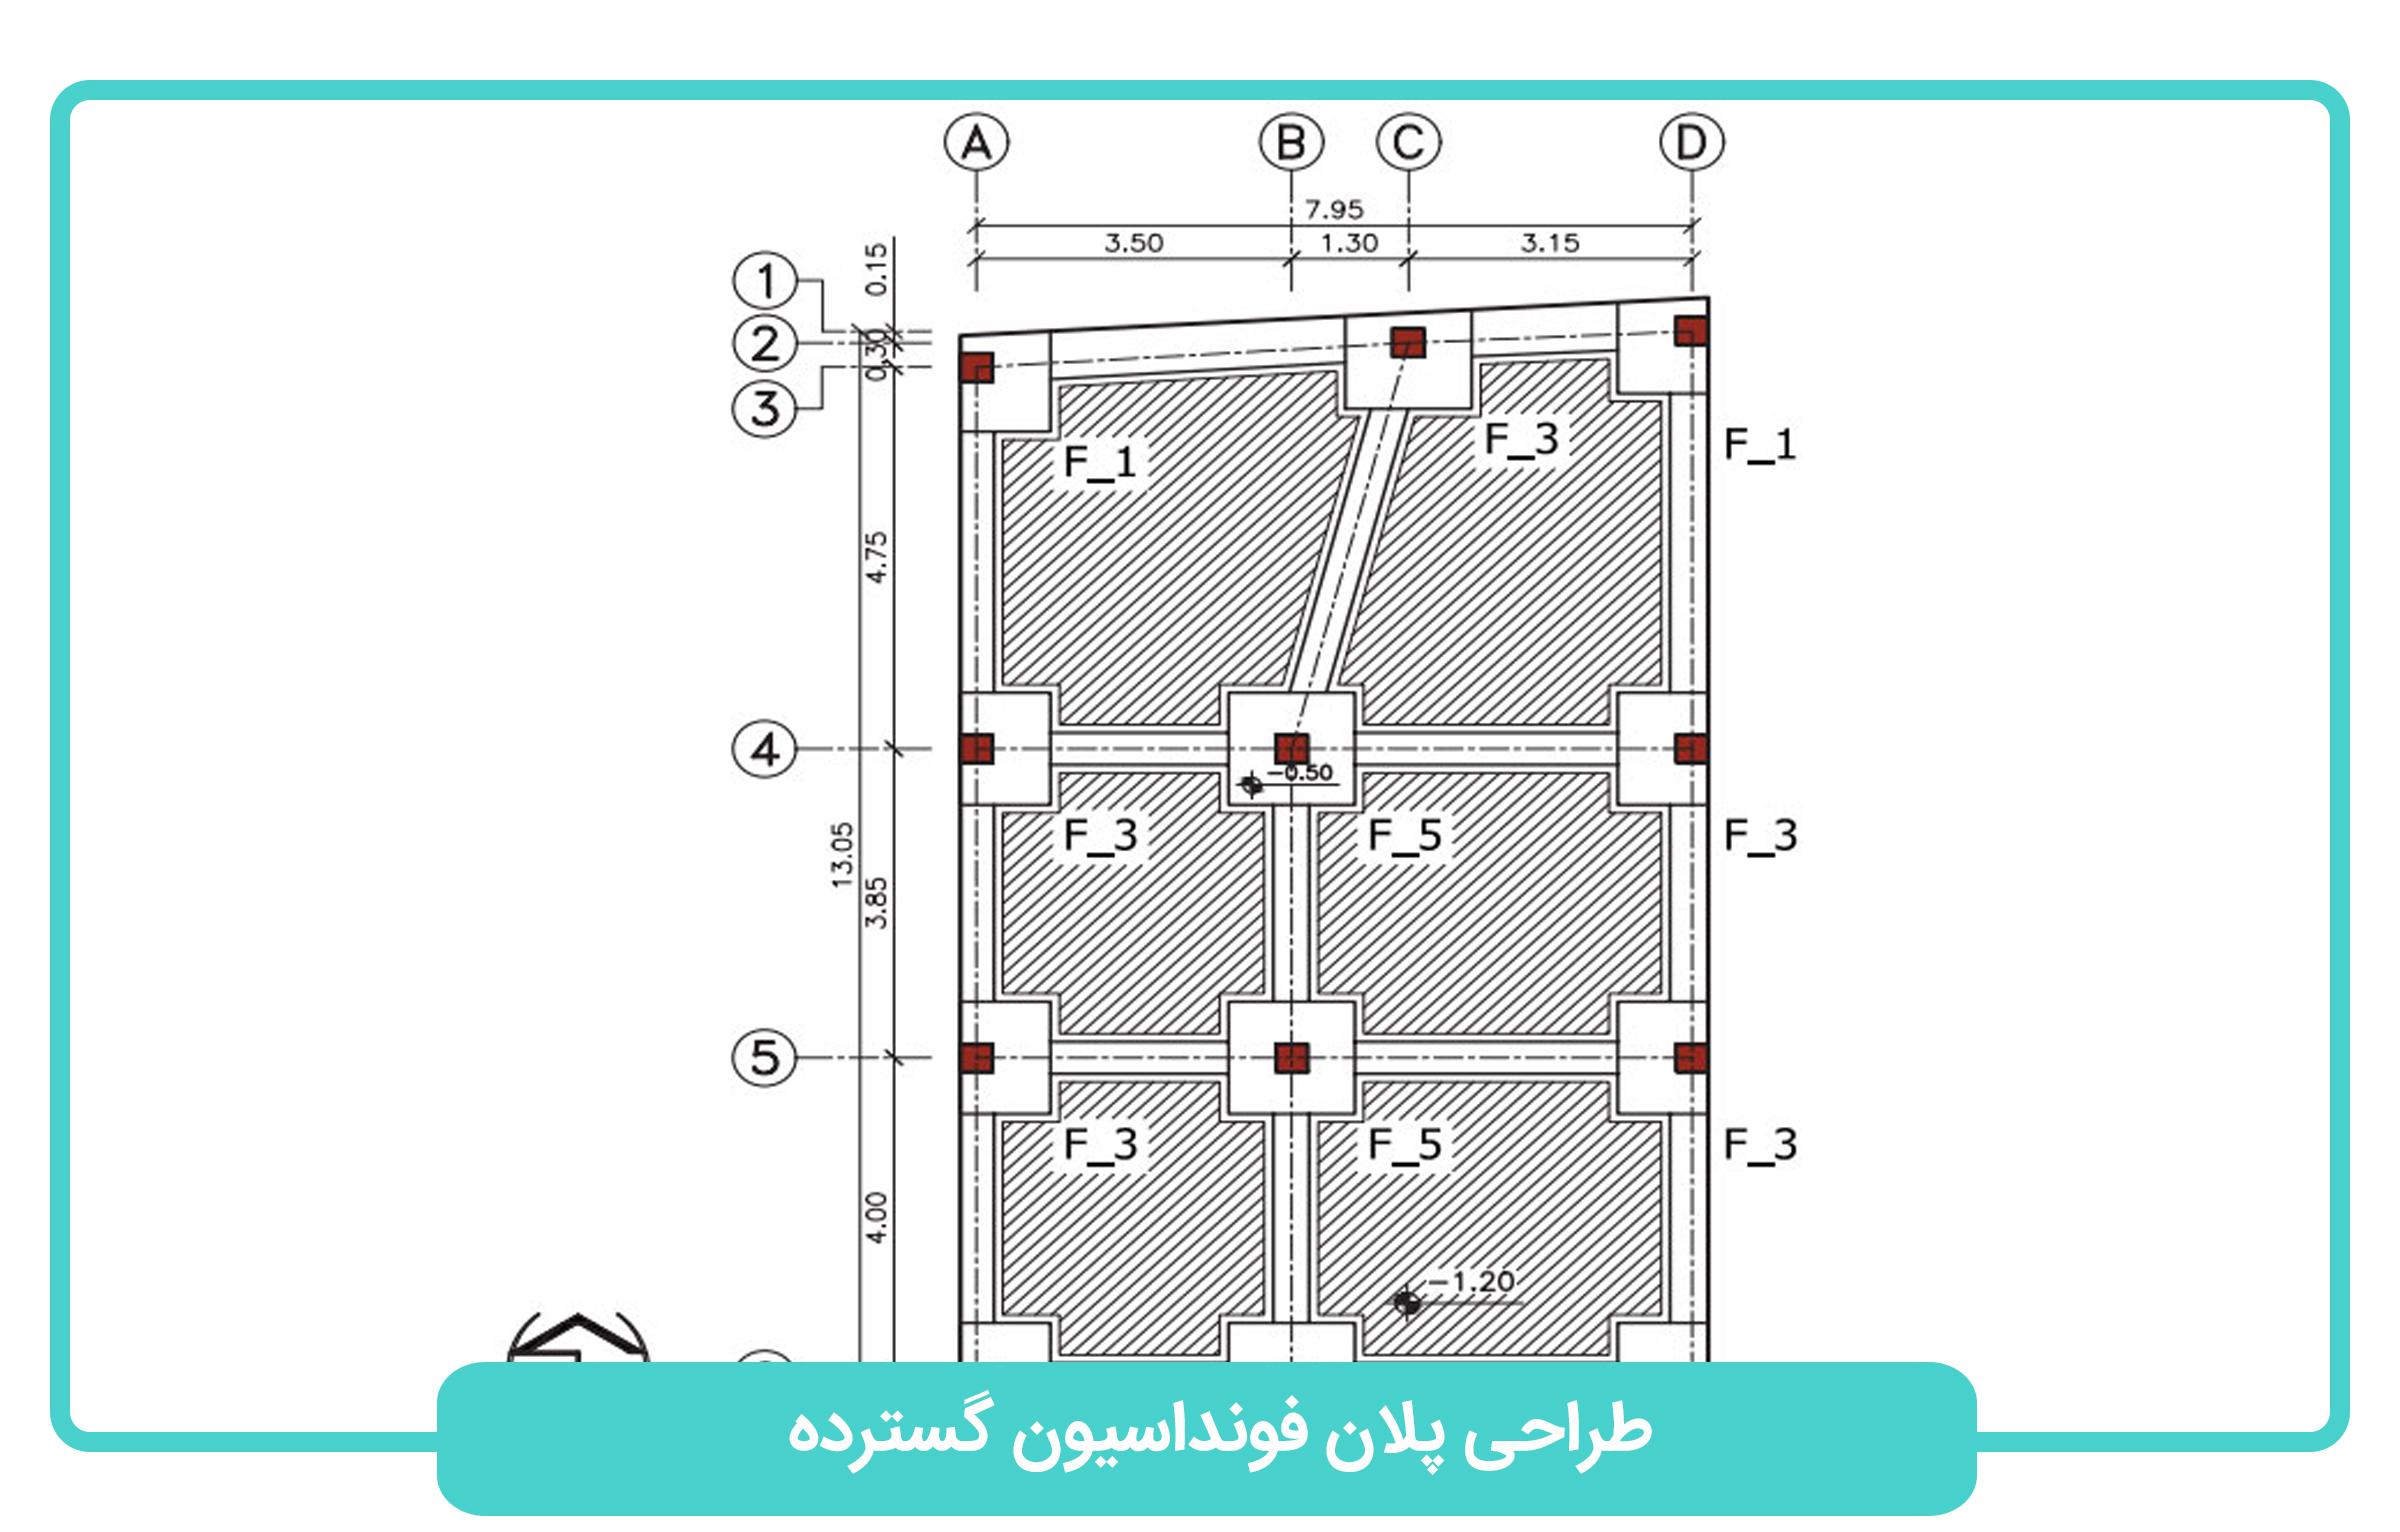 طراحی گام به گام پلان فونداسیون